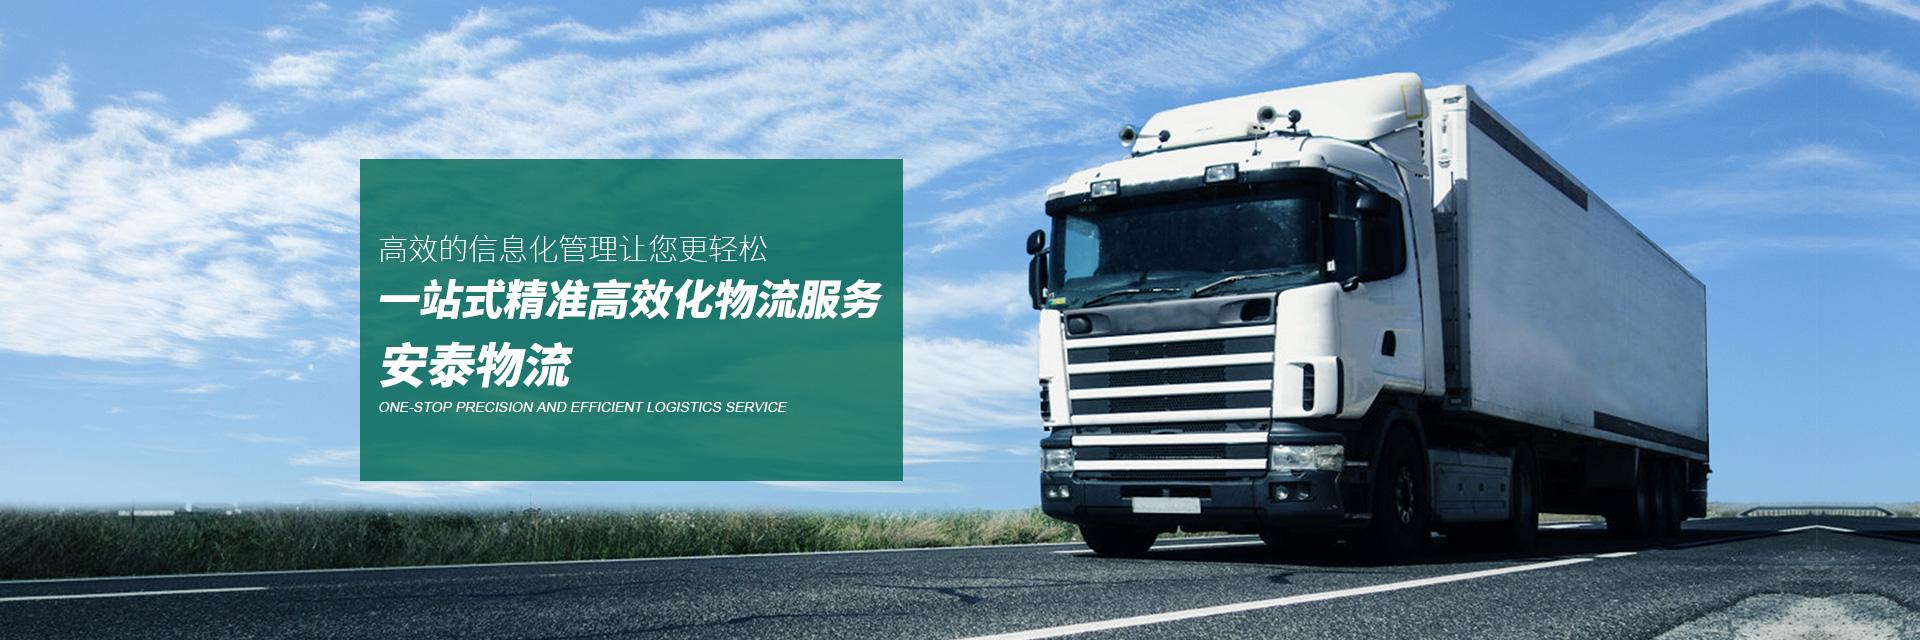 重庆危险品运输公司